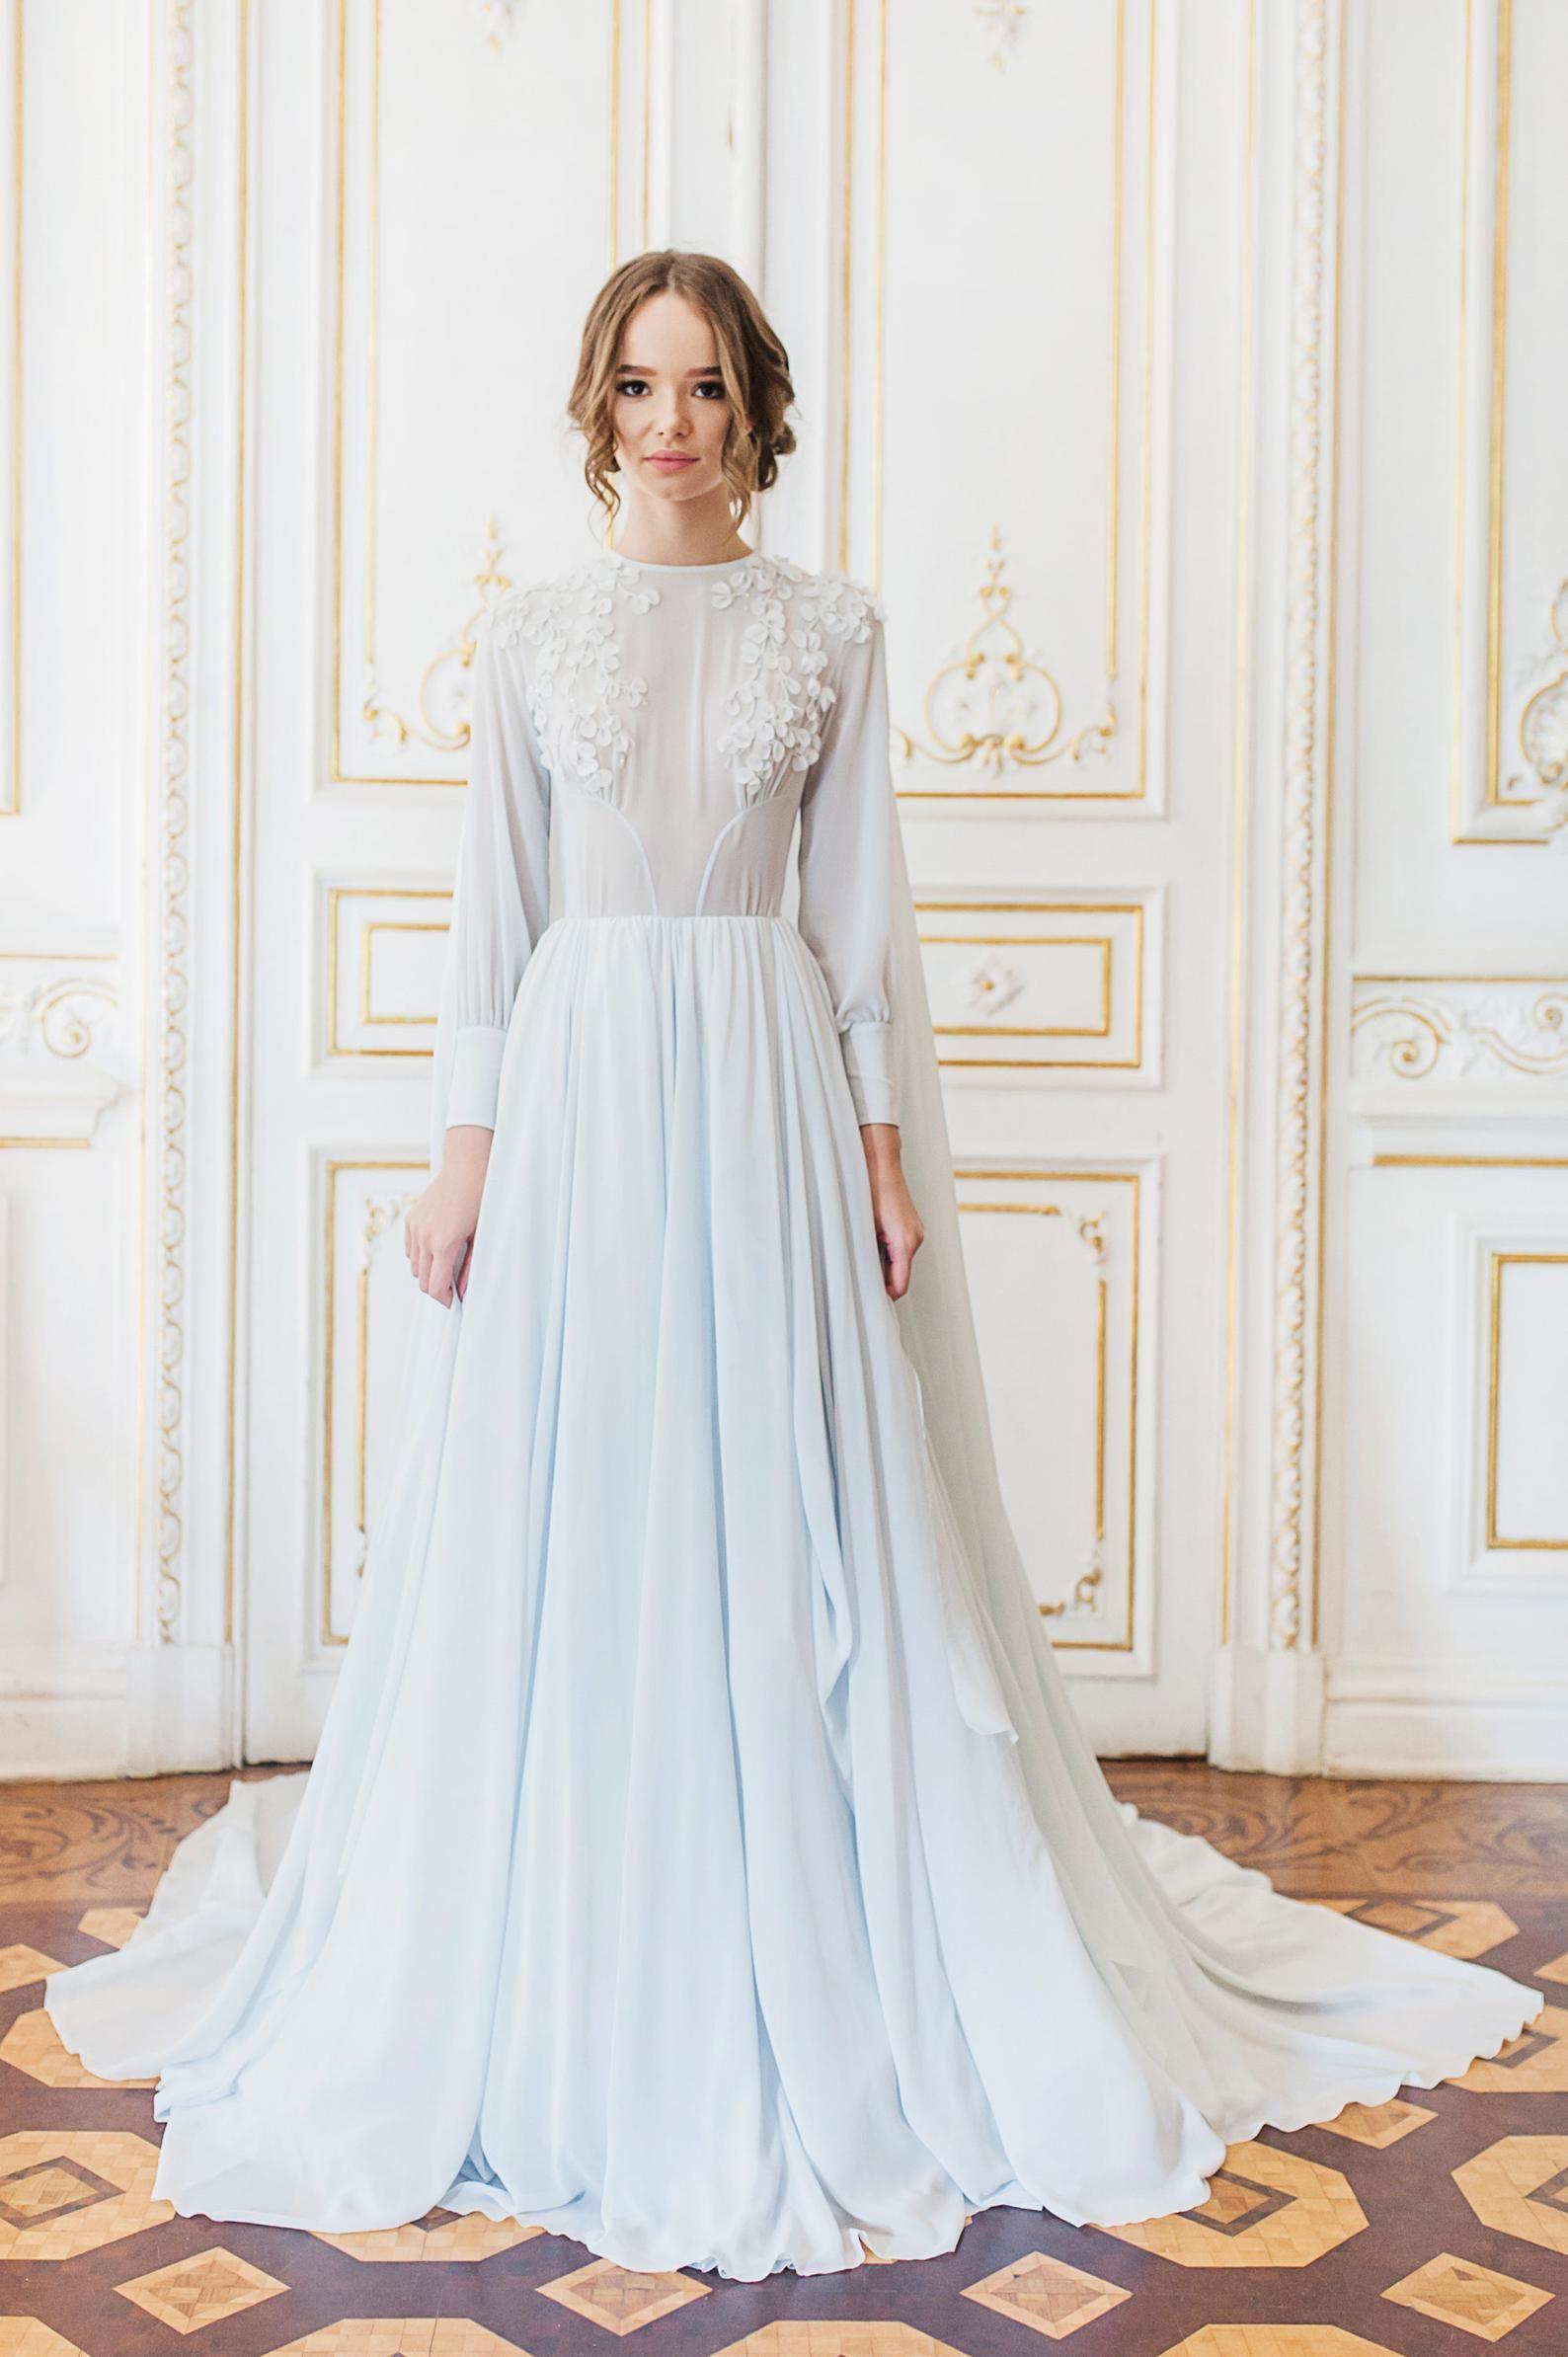 Lila Kap Hochzeitskleid Mit Handgeschnittener